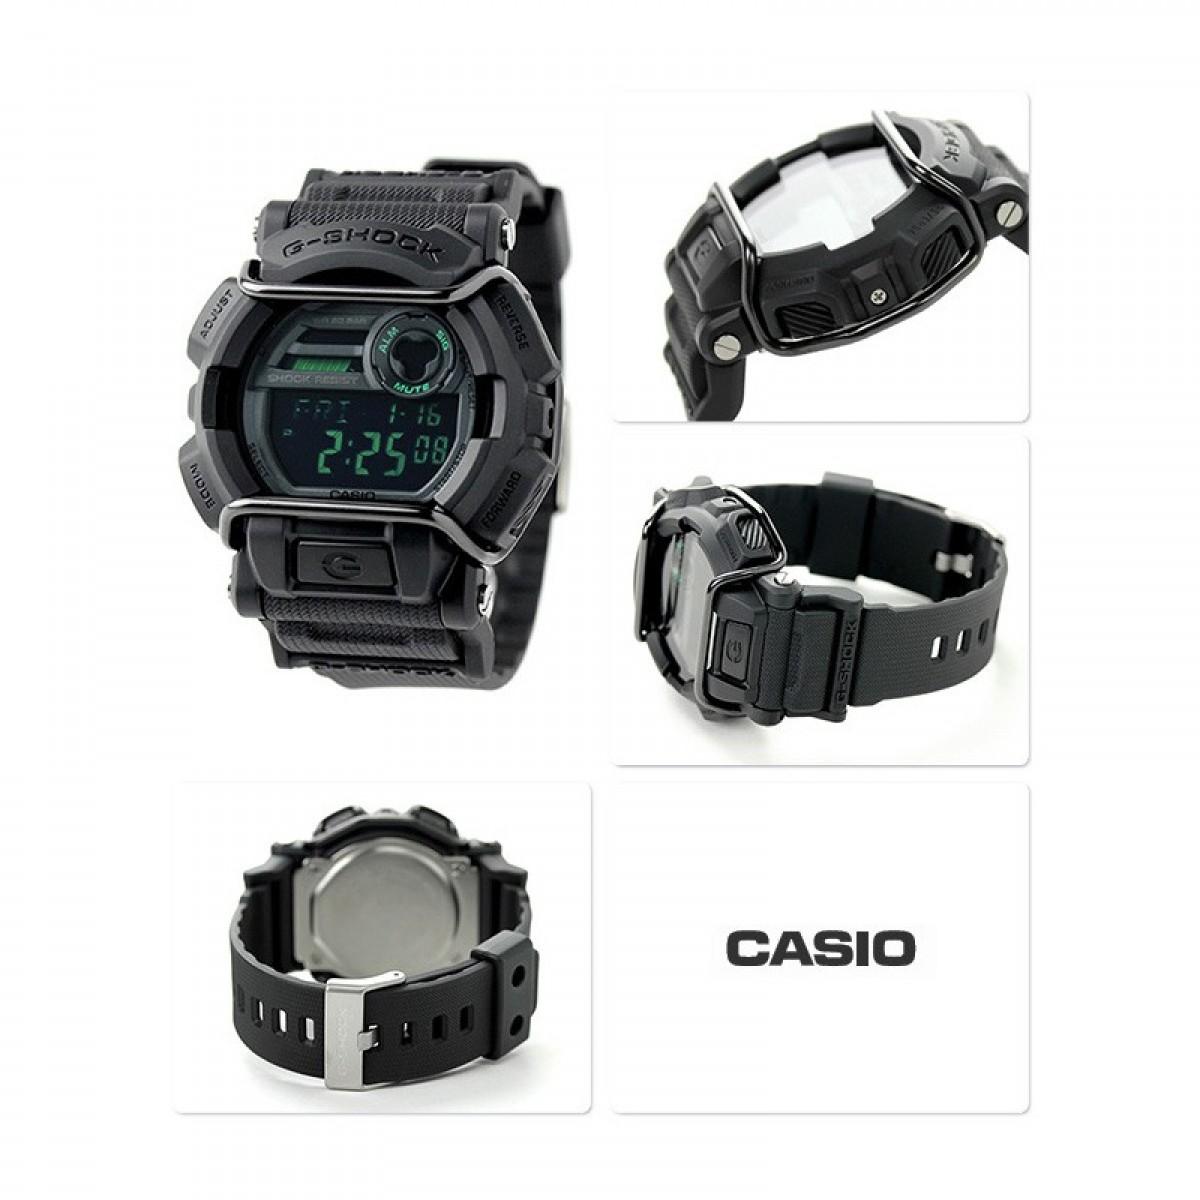 Часовник Casio G-Shock GD-400MB-1ER